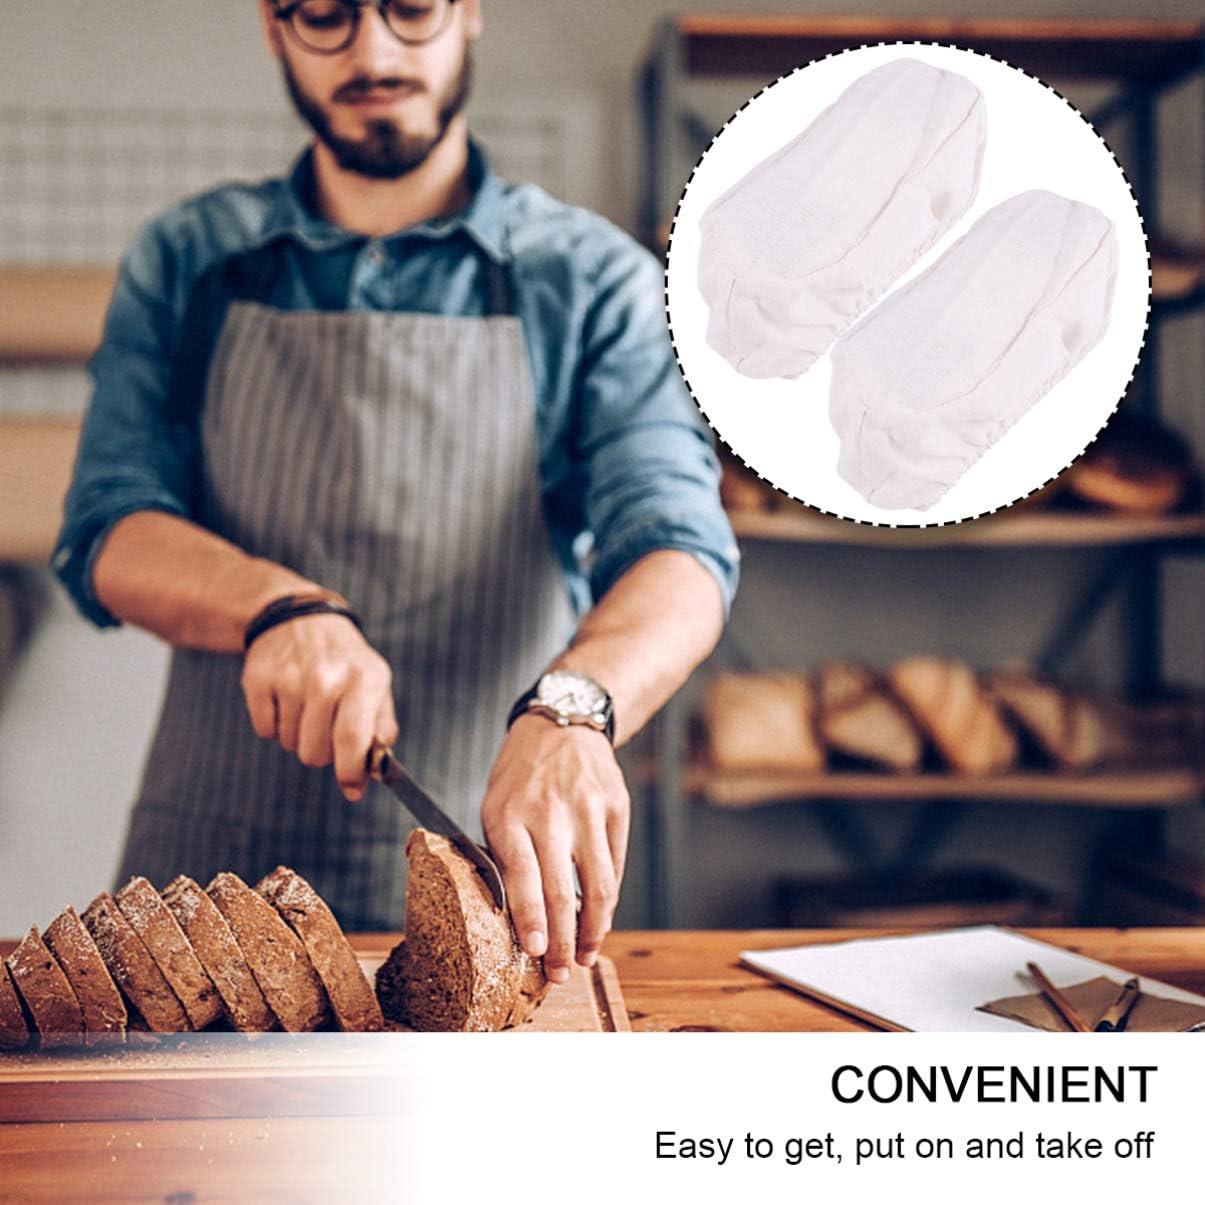 Hemoton 2 Pezzi Cestino per Lievitazione del Pane Fodera per Pasta di Stoffa Cestino per Lievitazione del Pane Fodera per Pasta Acida Coperchio per Cestino del Pane Forniture per La